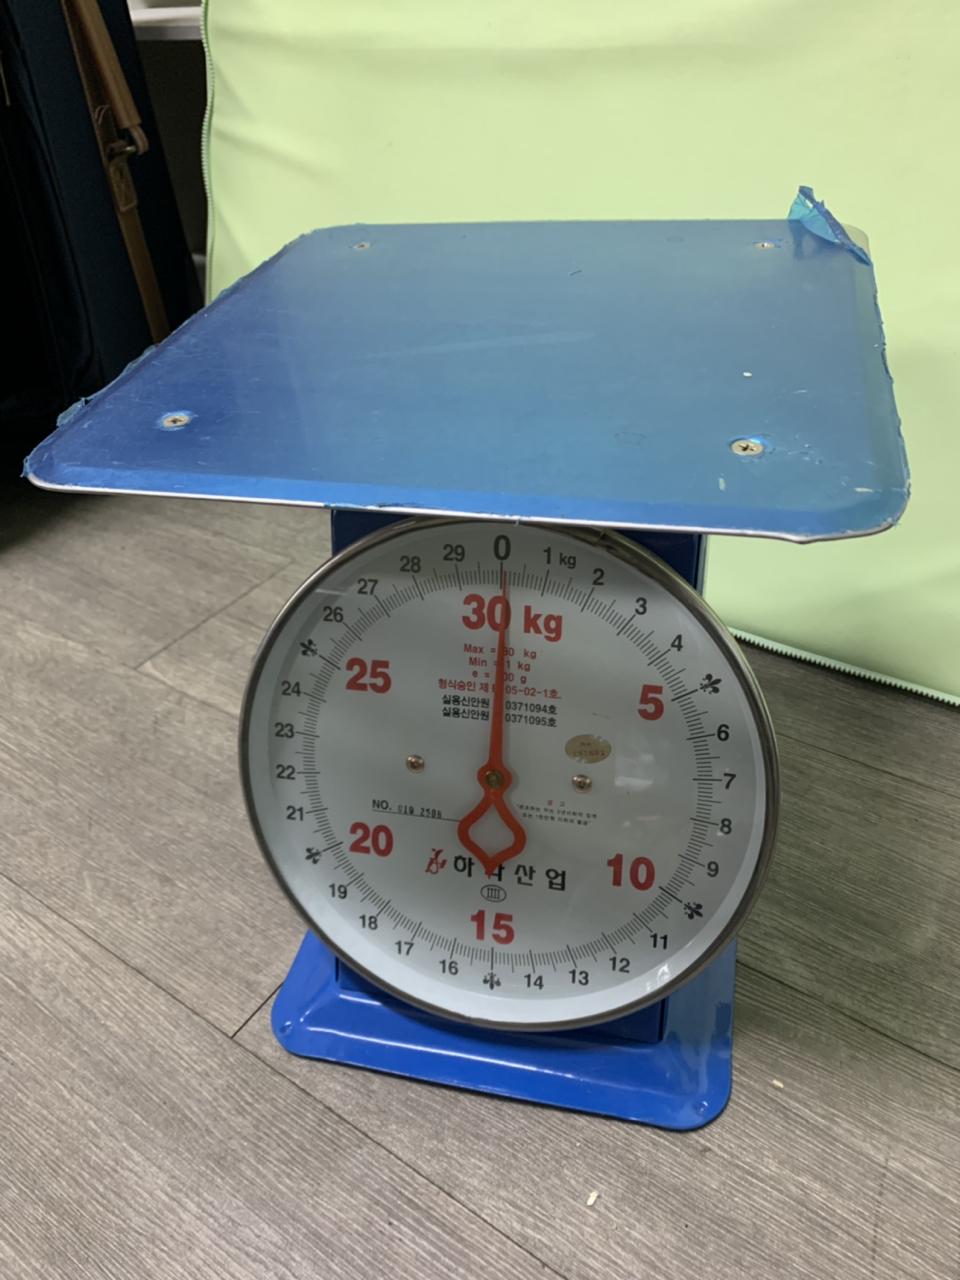 거의 새제품 계량저울팝니다. 30kg